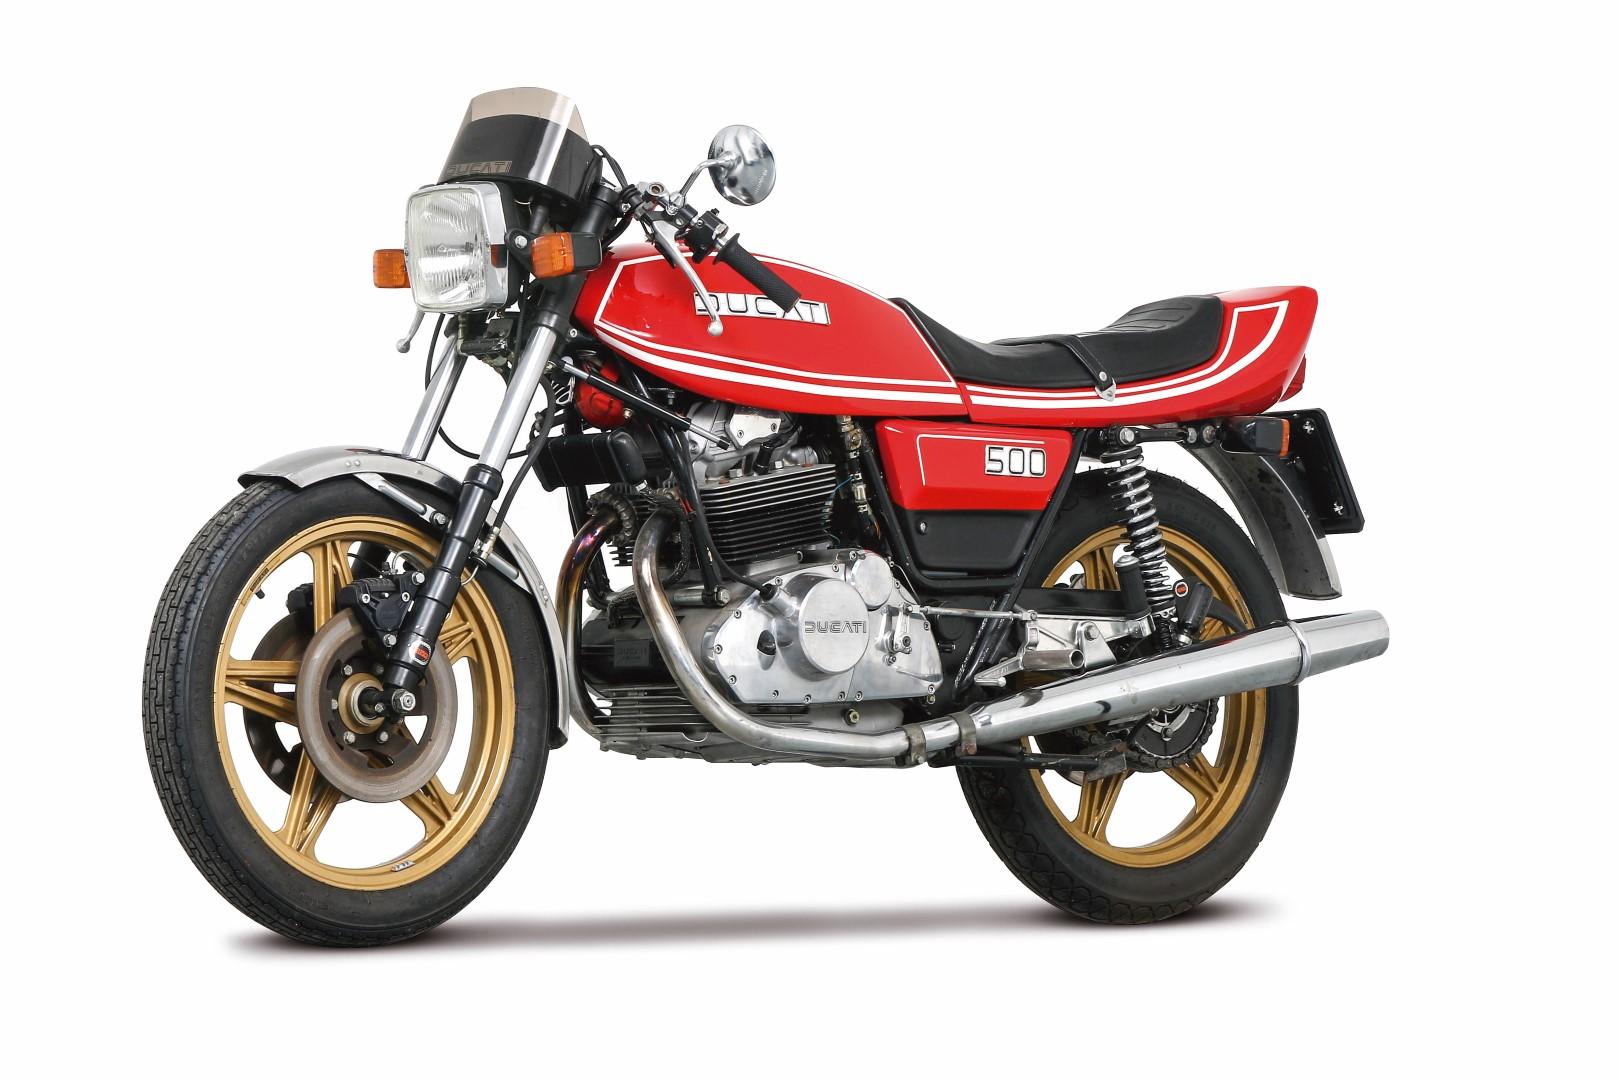 Classic Club: Ducati 500 Desmo